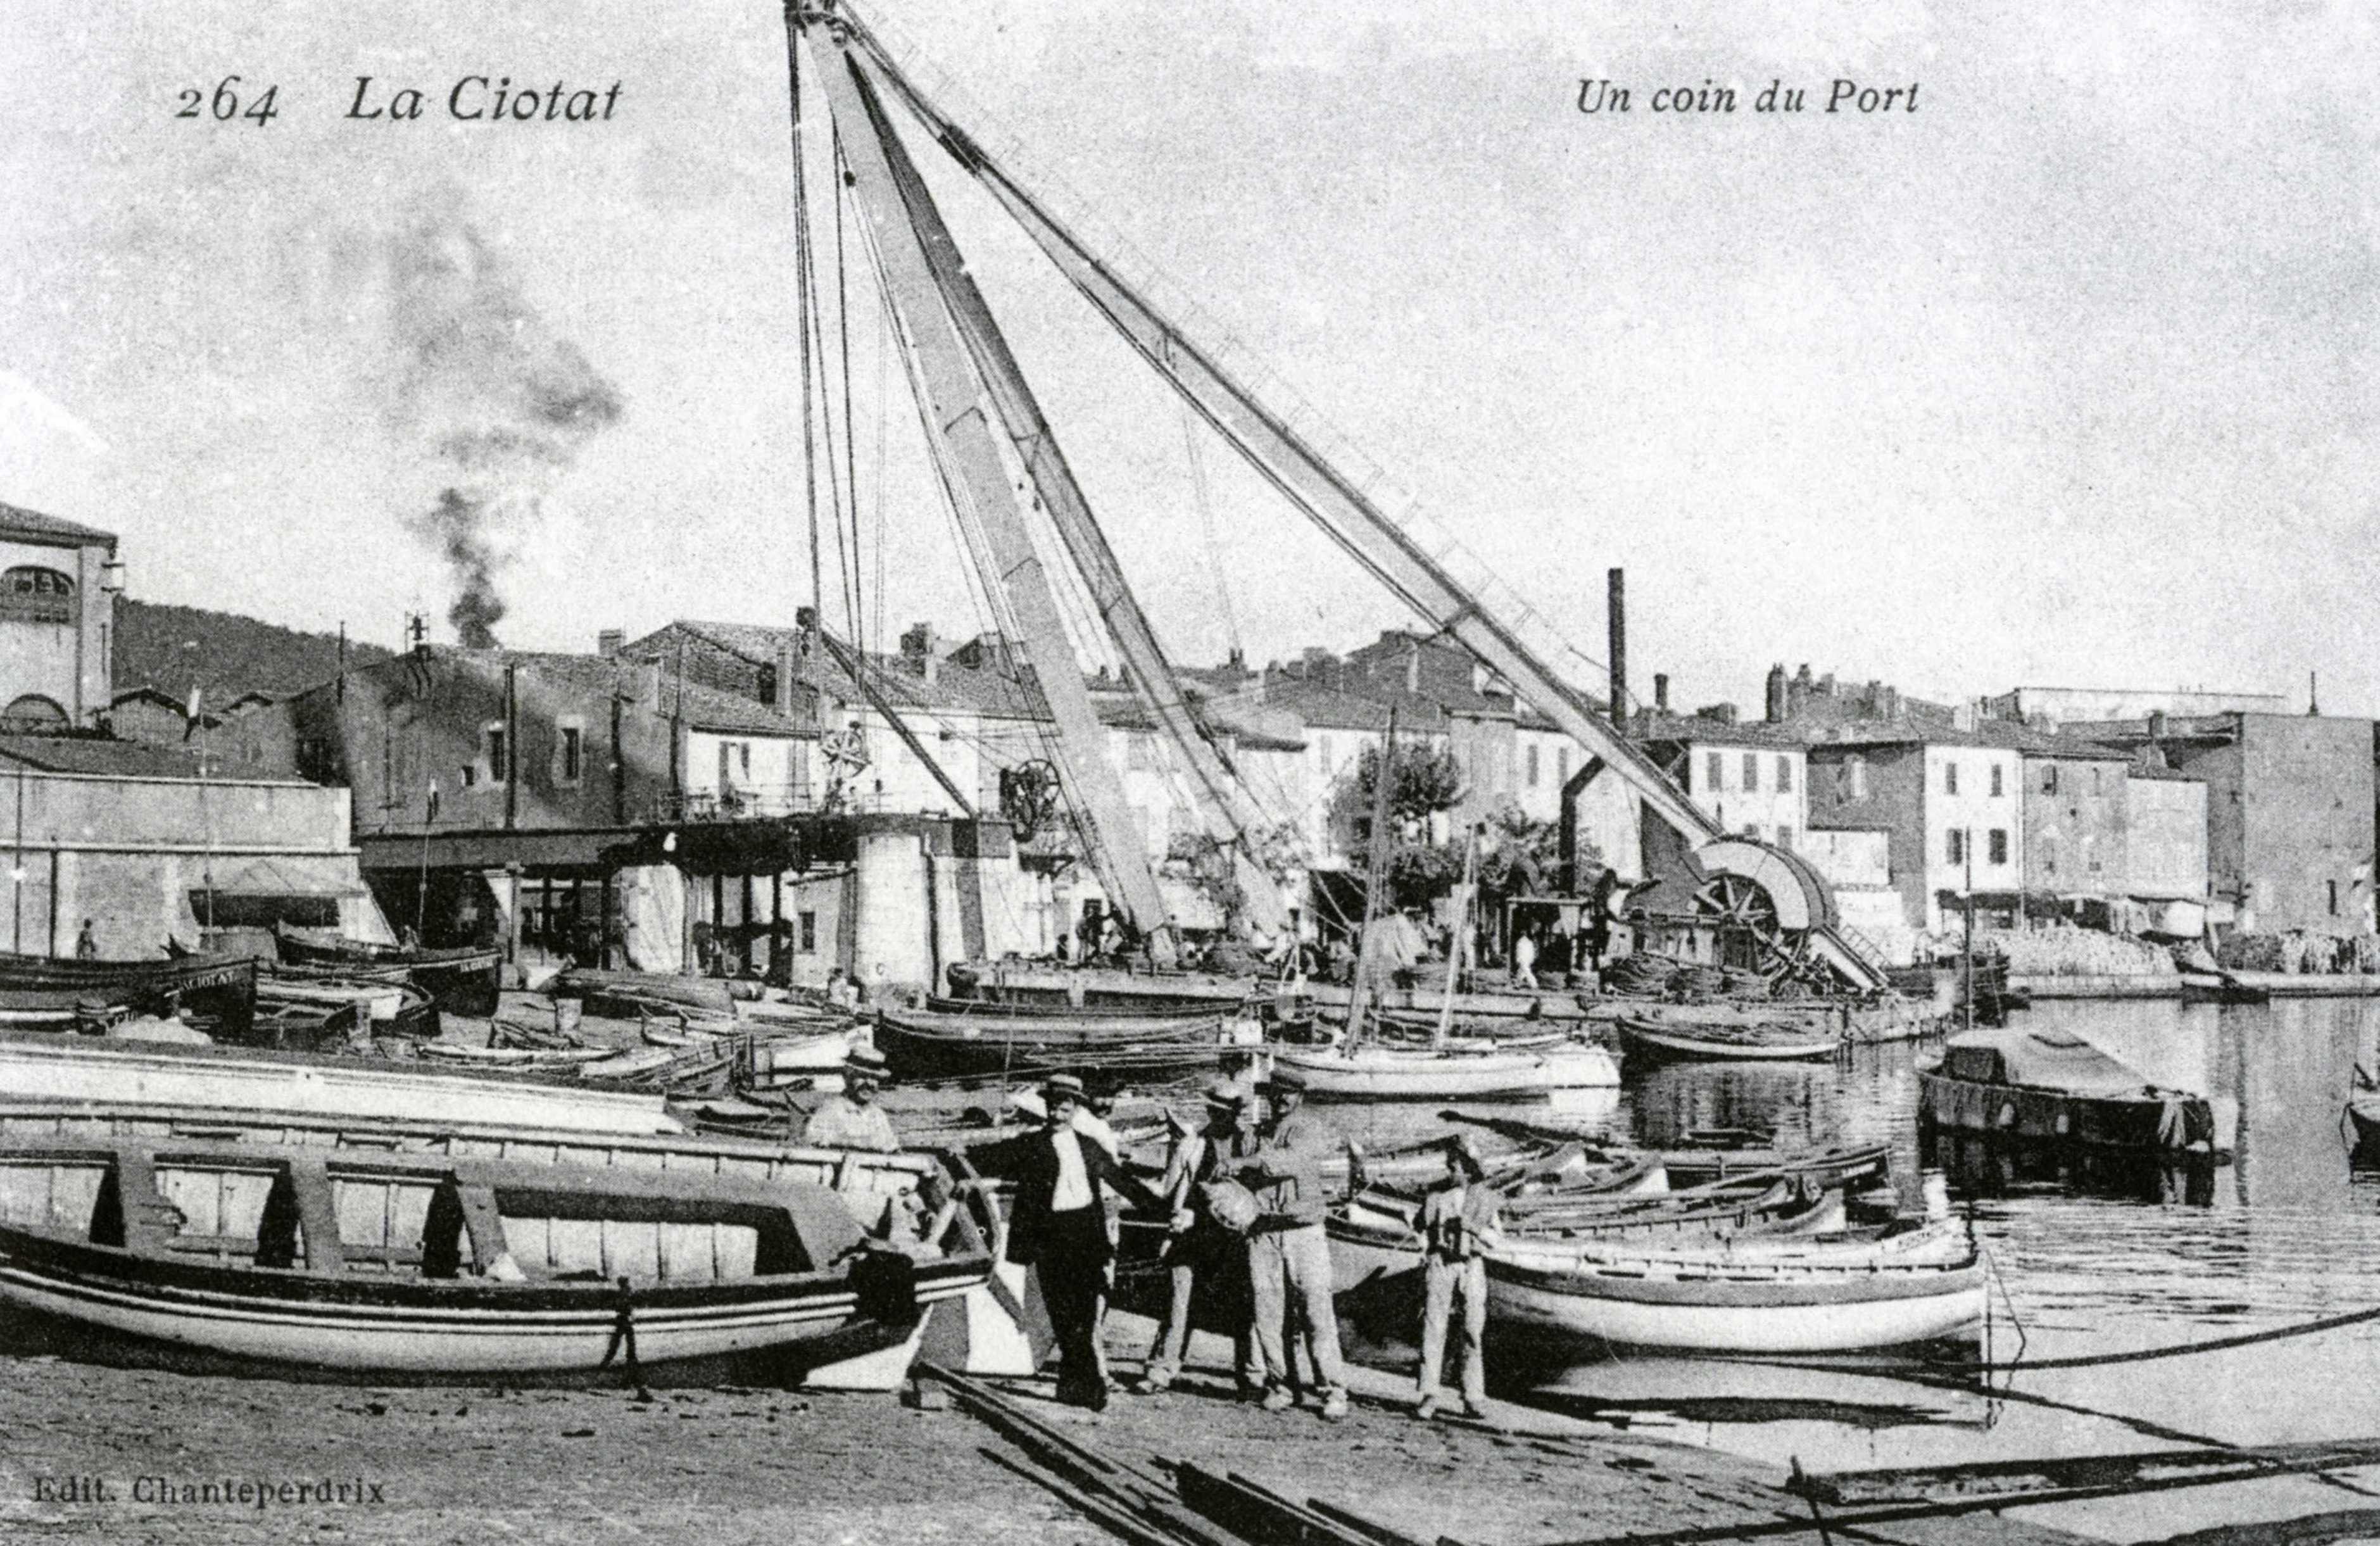 Embouteillage de barques sur le glacis de l'Escalet. Au second plan le nouveau ponton mature (grue flottante) installé peu auparavant et la première grue à manivelle du pont de fer. - 1905